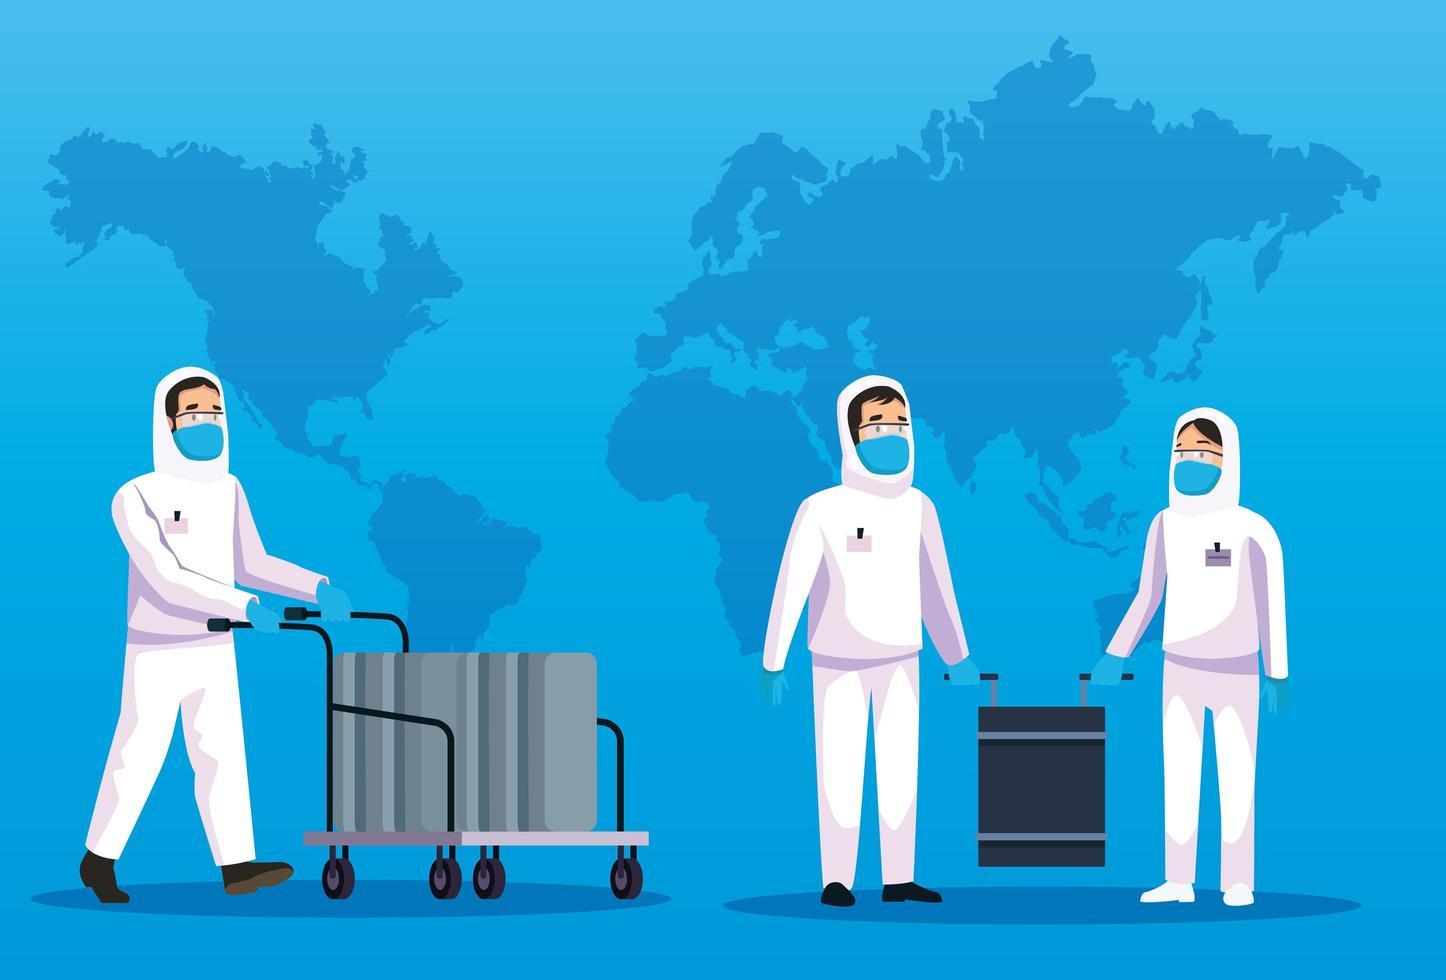 biohazard schoonmaken personen met wereldkaart vector